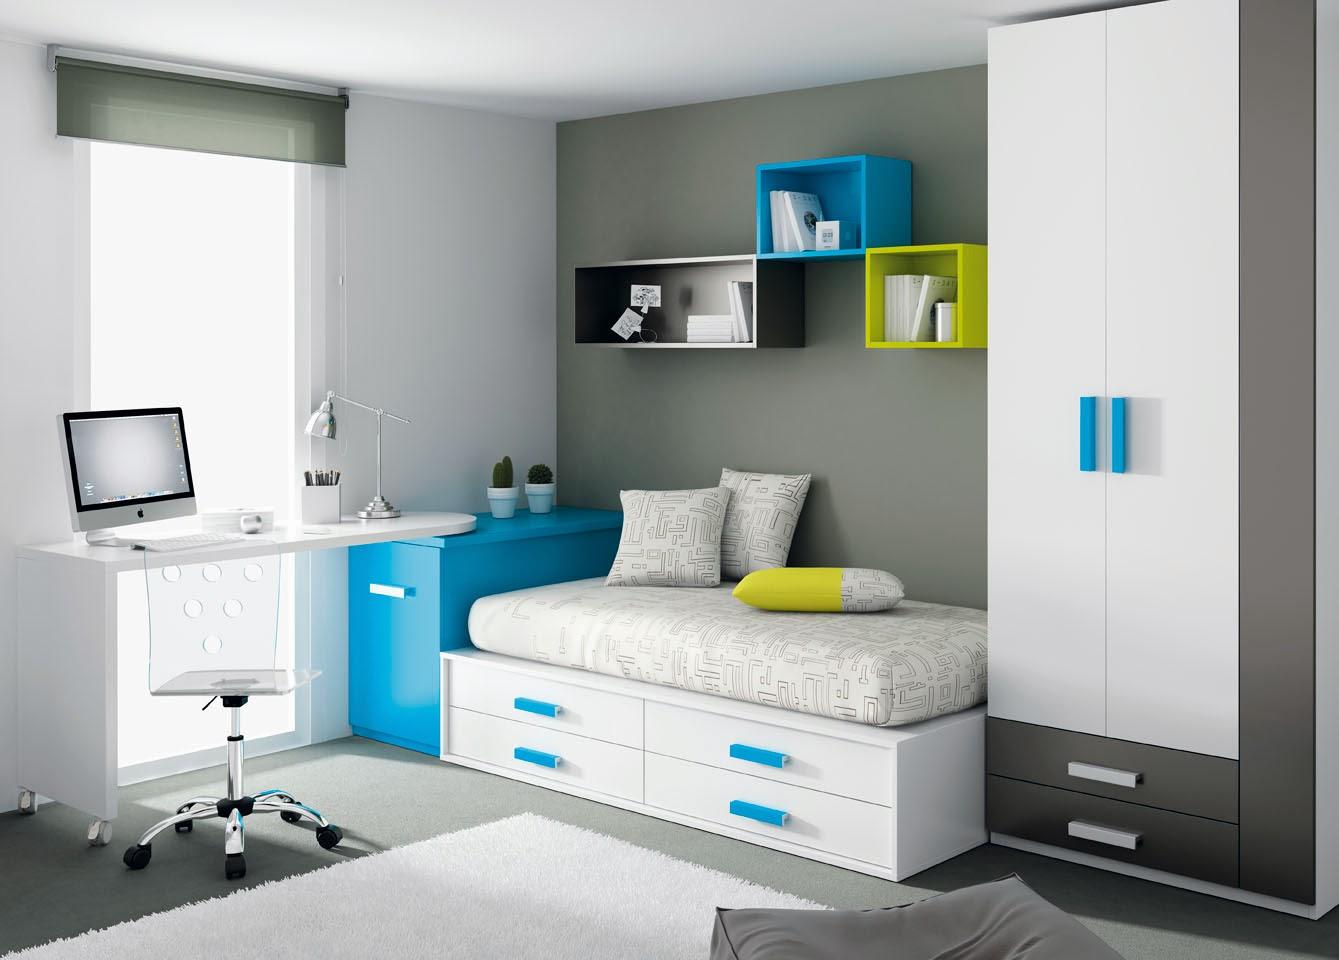 Camere per ragazzi consigli mobili ros for Camere per ragazzi